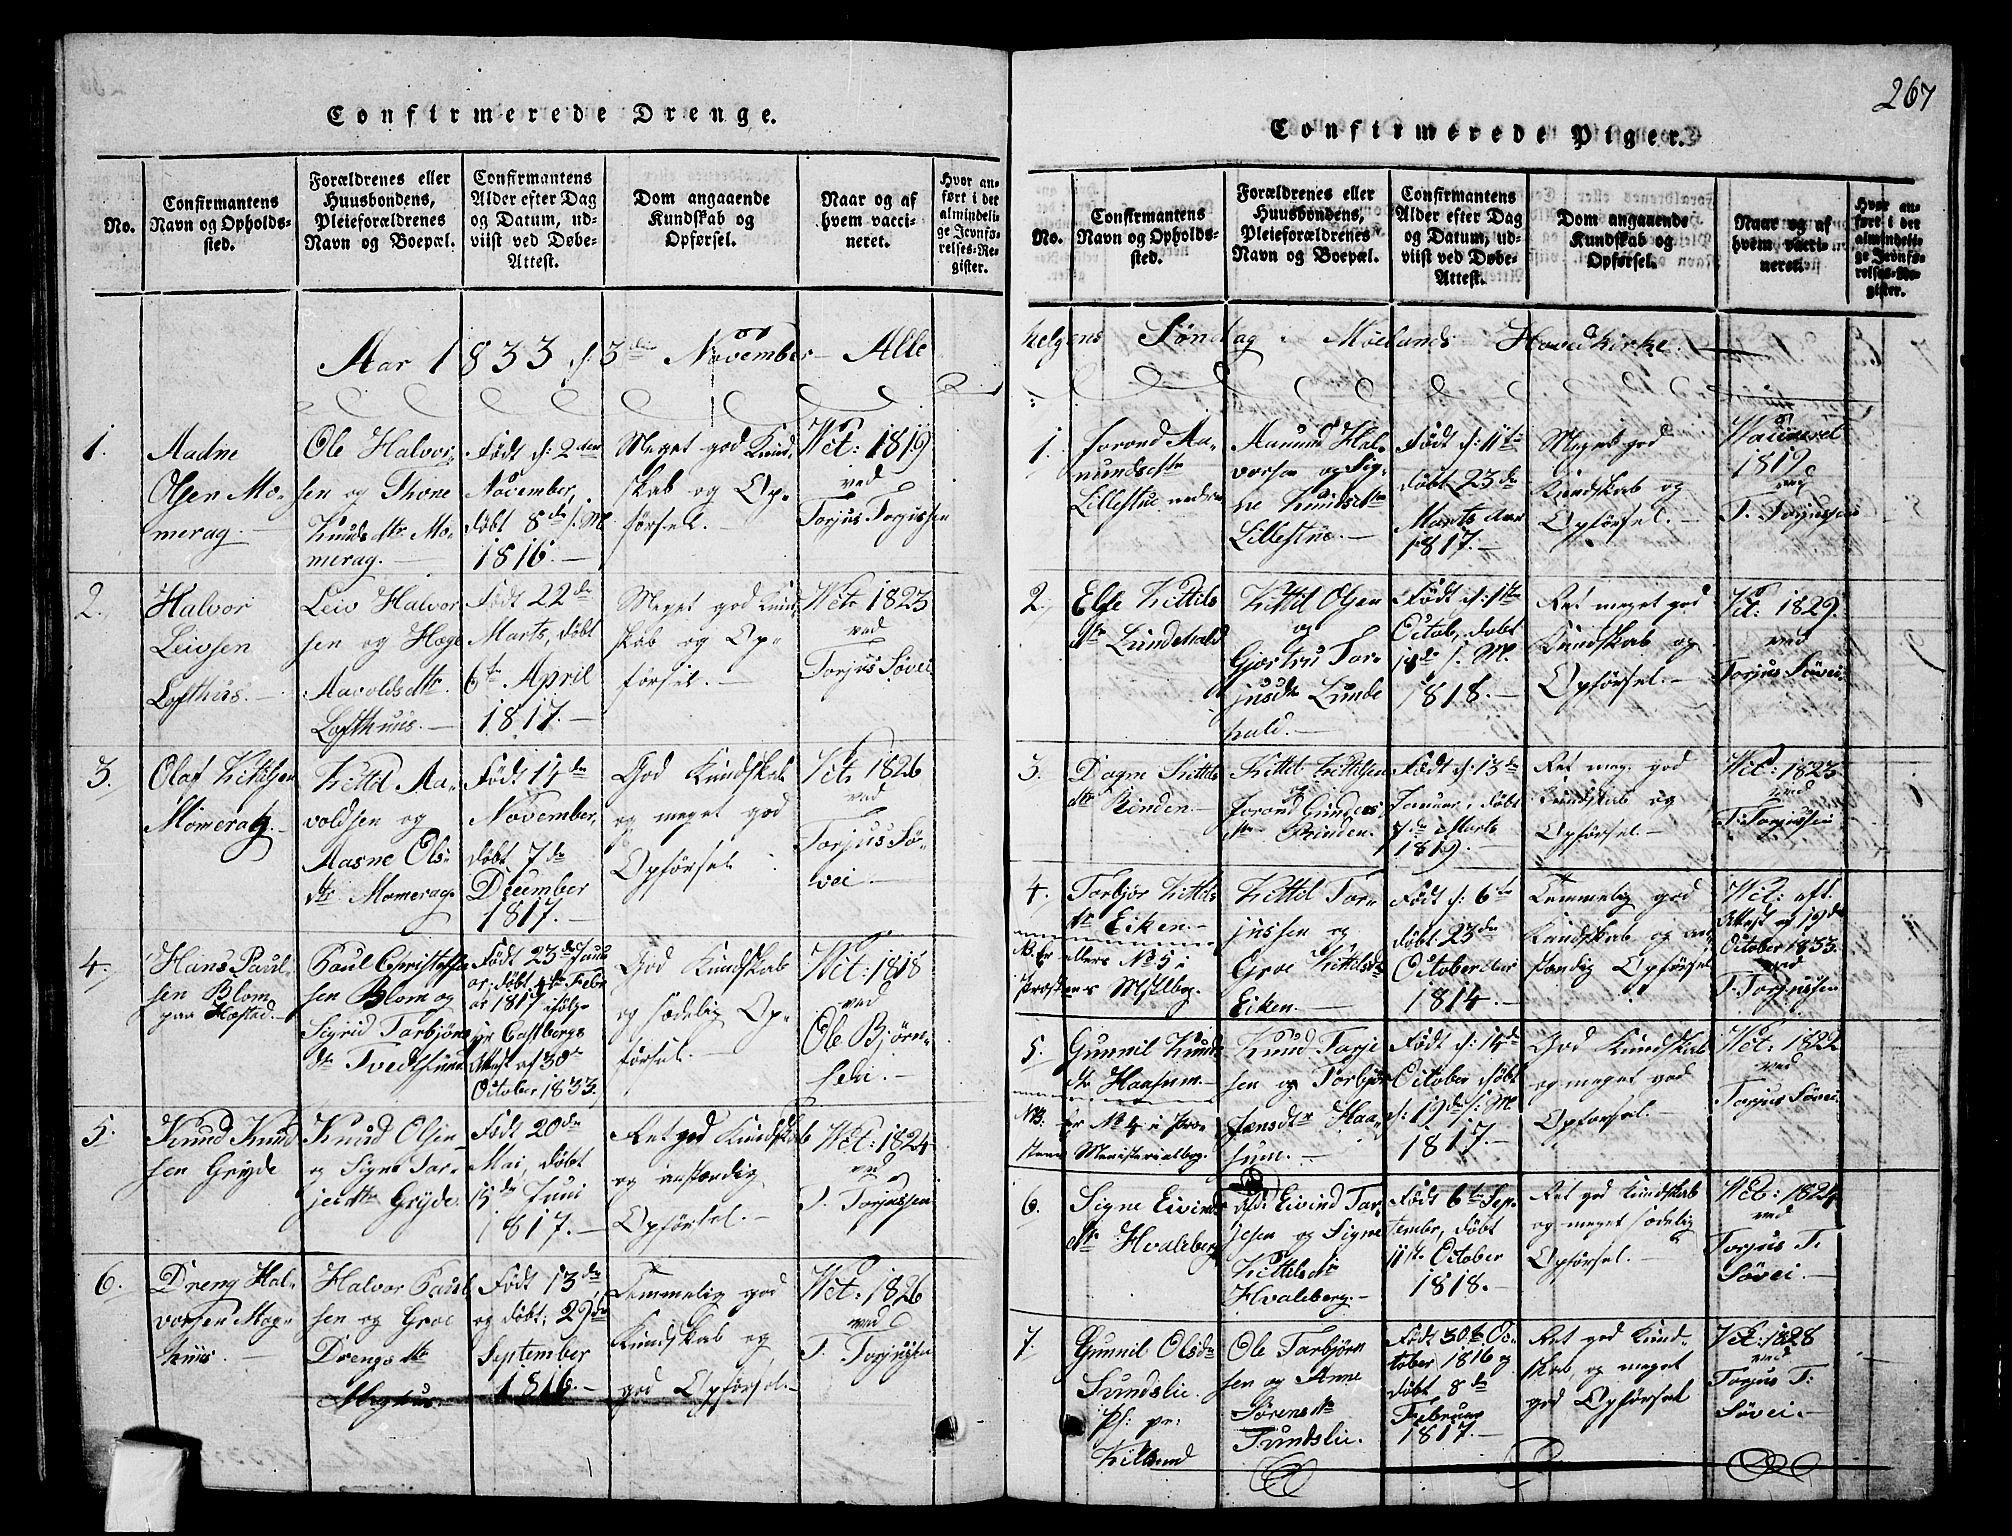 SAKO, Fyresdal kirkebøker, G/Ga/L0001: Klokkerbok nr. I 1, 1816-1840, s. 267